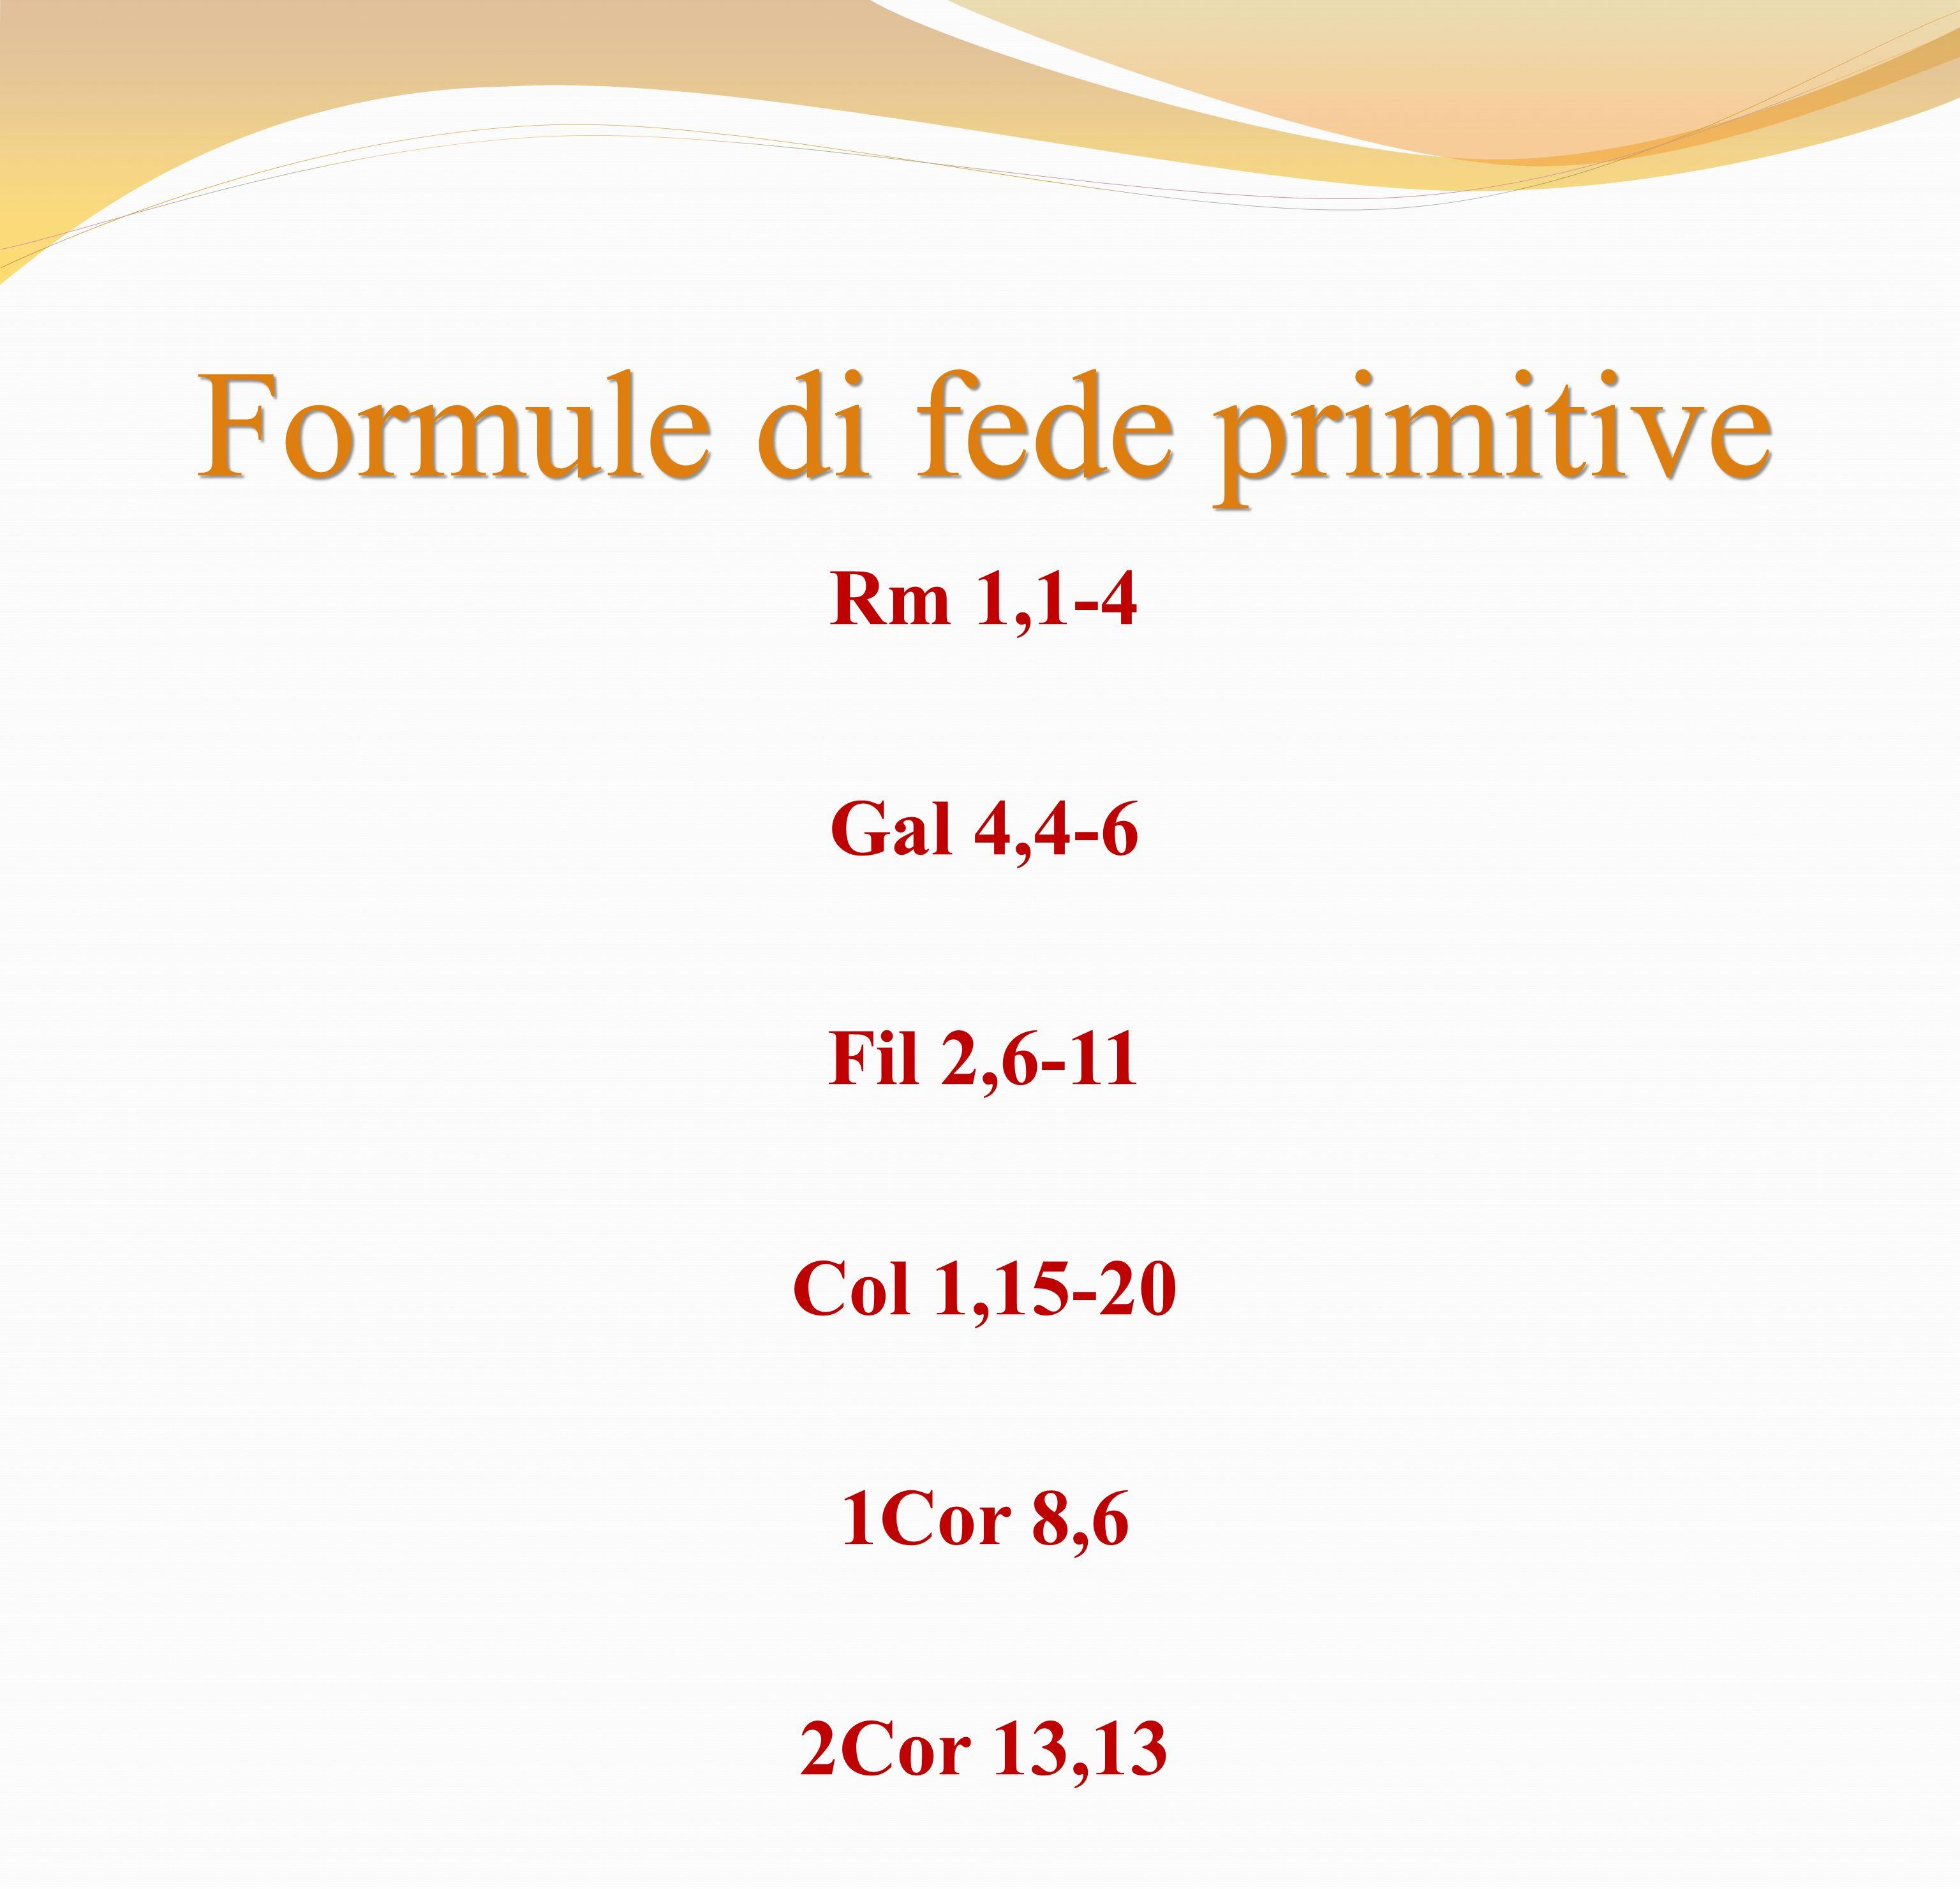 Formule di fede primitive Rm 1,1-4 Gal 4,4-6 Fil 2,6-11 Col 1,15-20 1Cor 8,6 2Cor 13,13